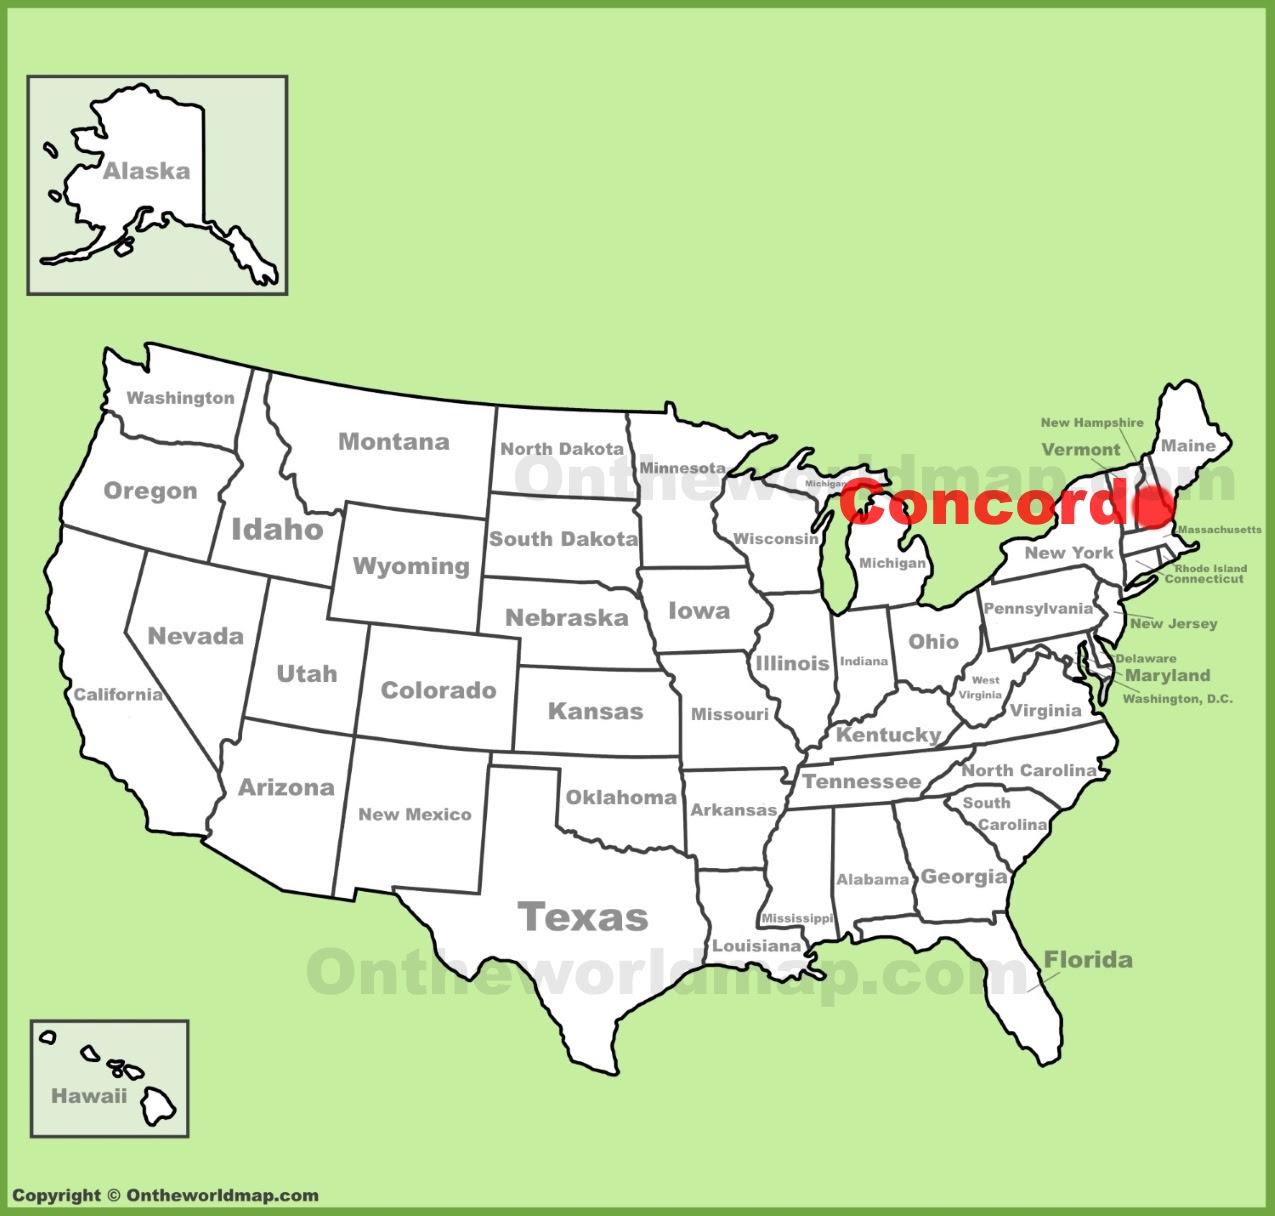 Concord Michigan Map.Concord Michigan Map Metro Map